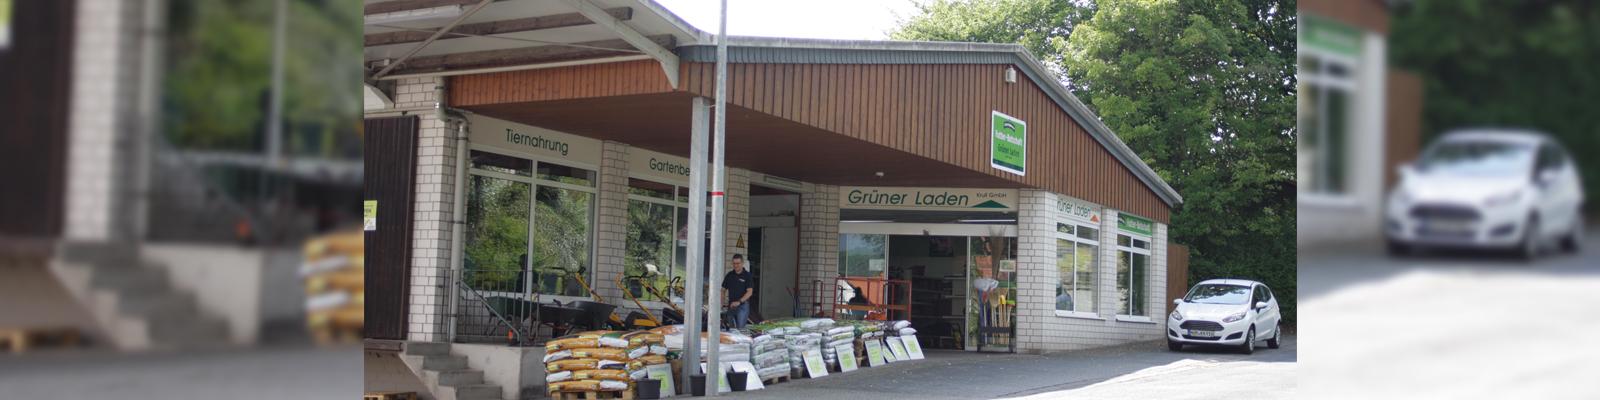 Ihr Grüner Laden in Hardegsen